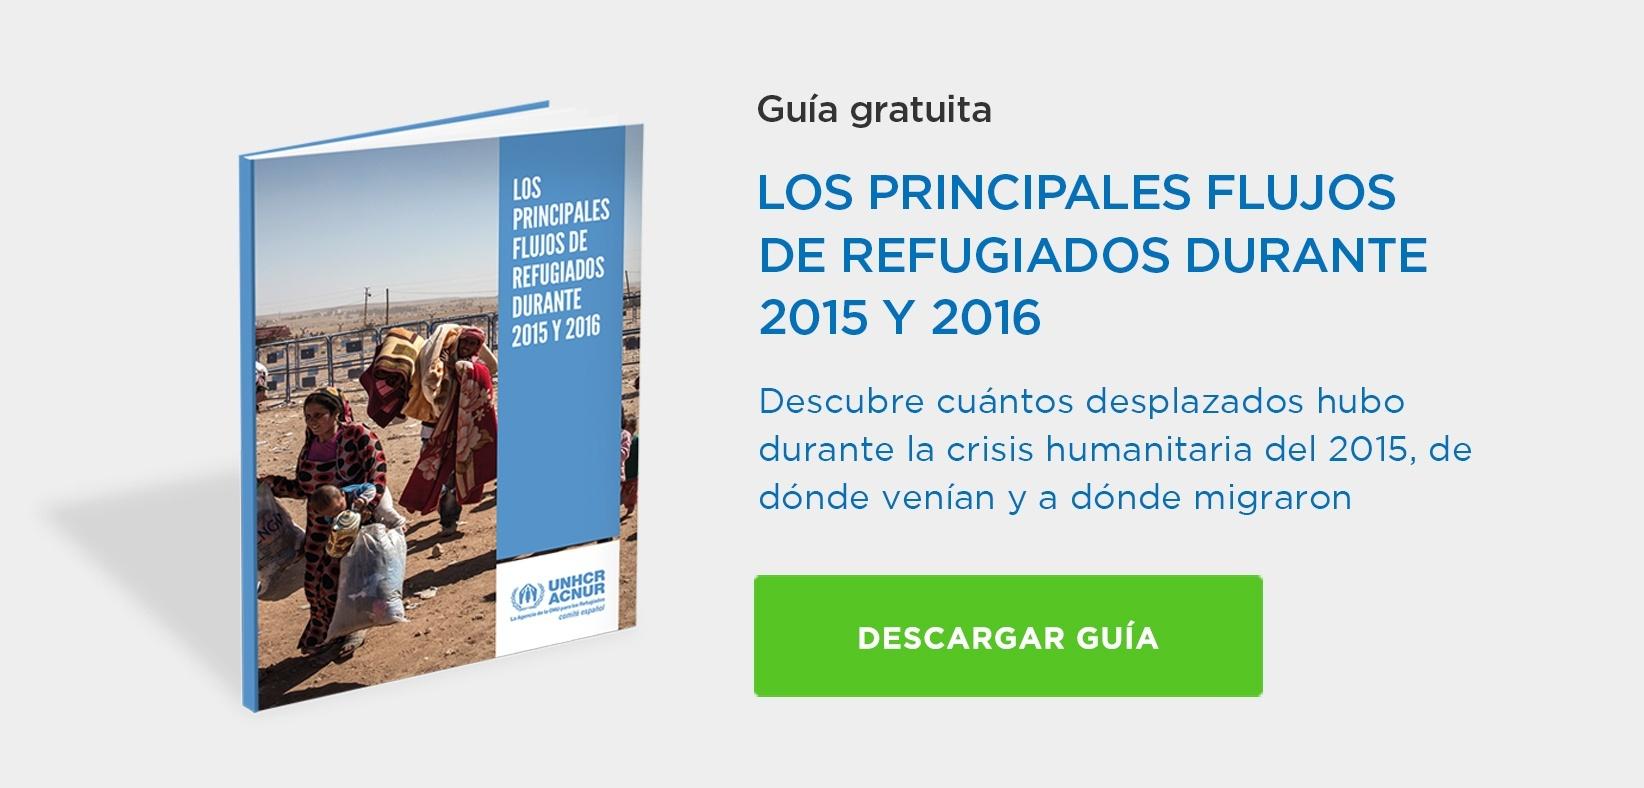 Descarga guía derechos de los refugiados en el mundo